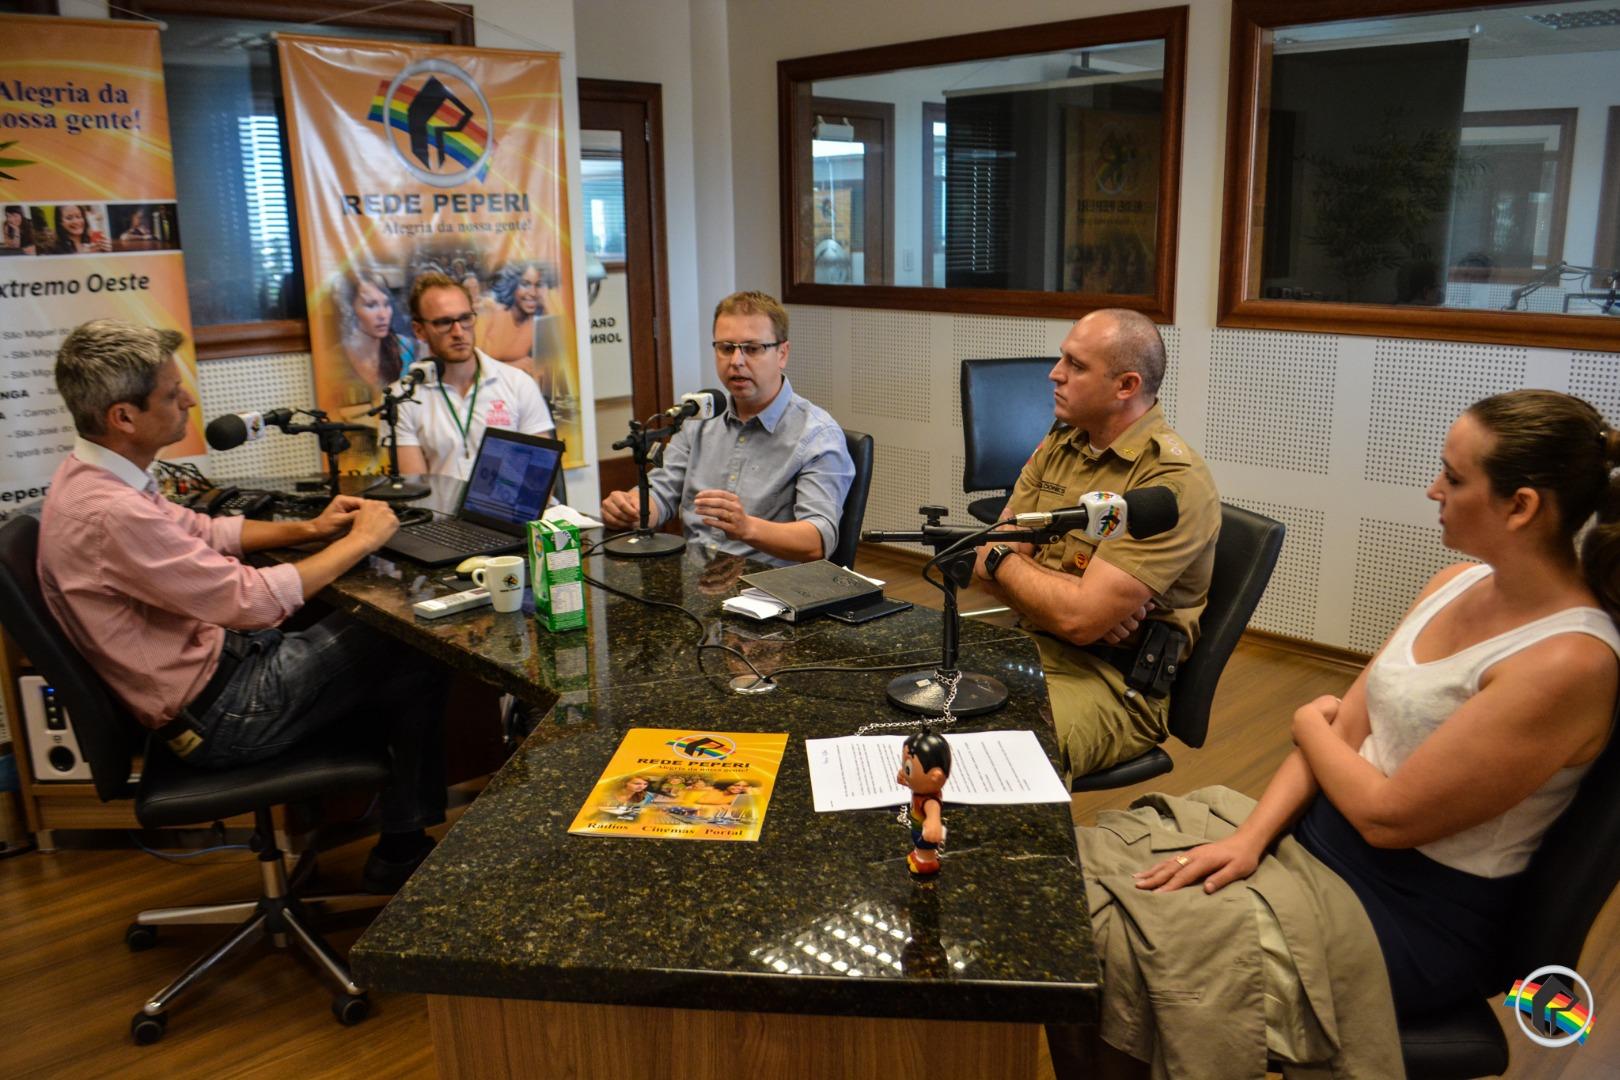 Tráfico e consumo de drogas é o tema do Peperi Debates